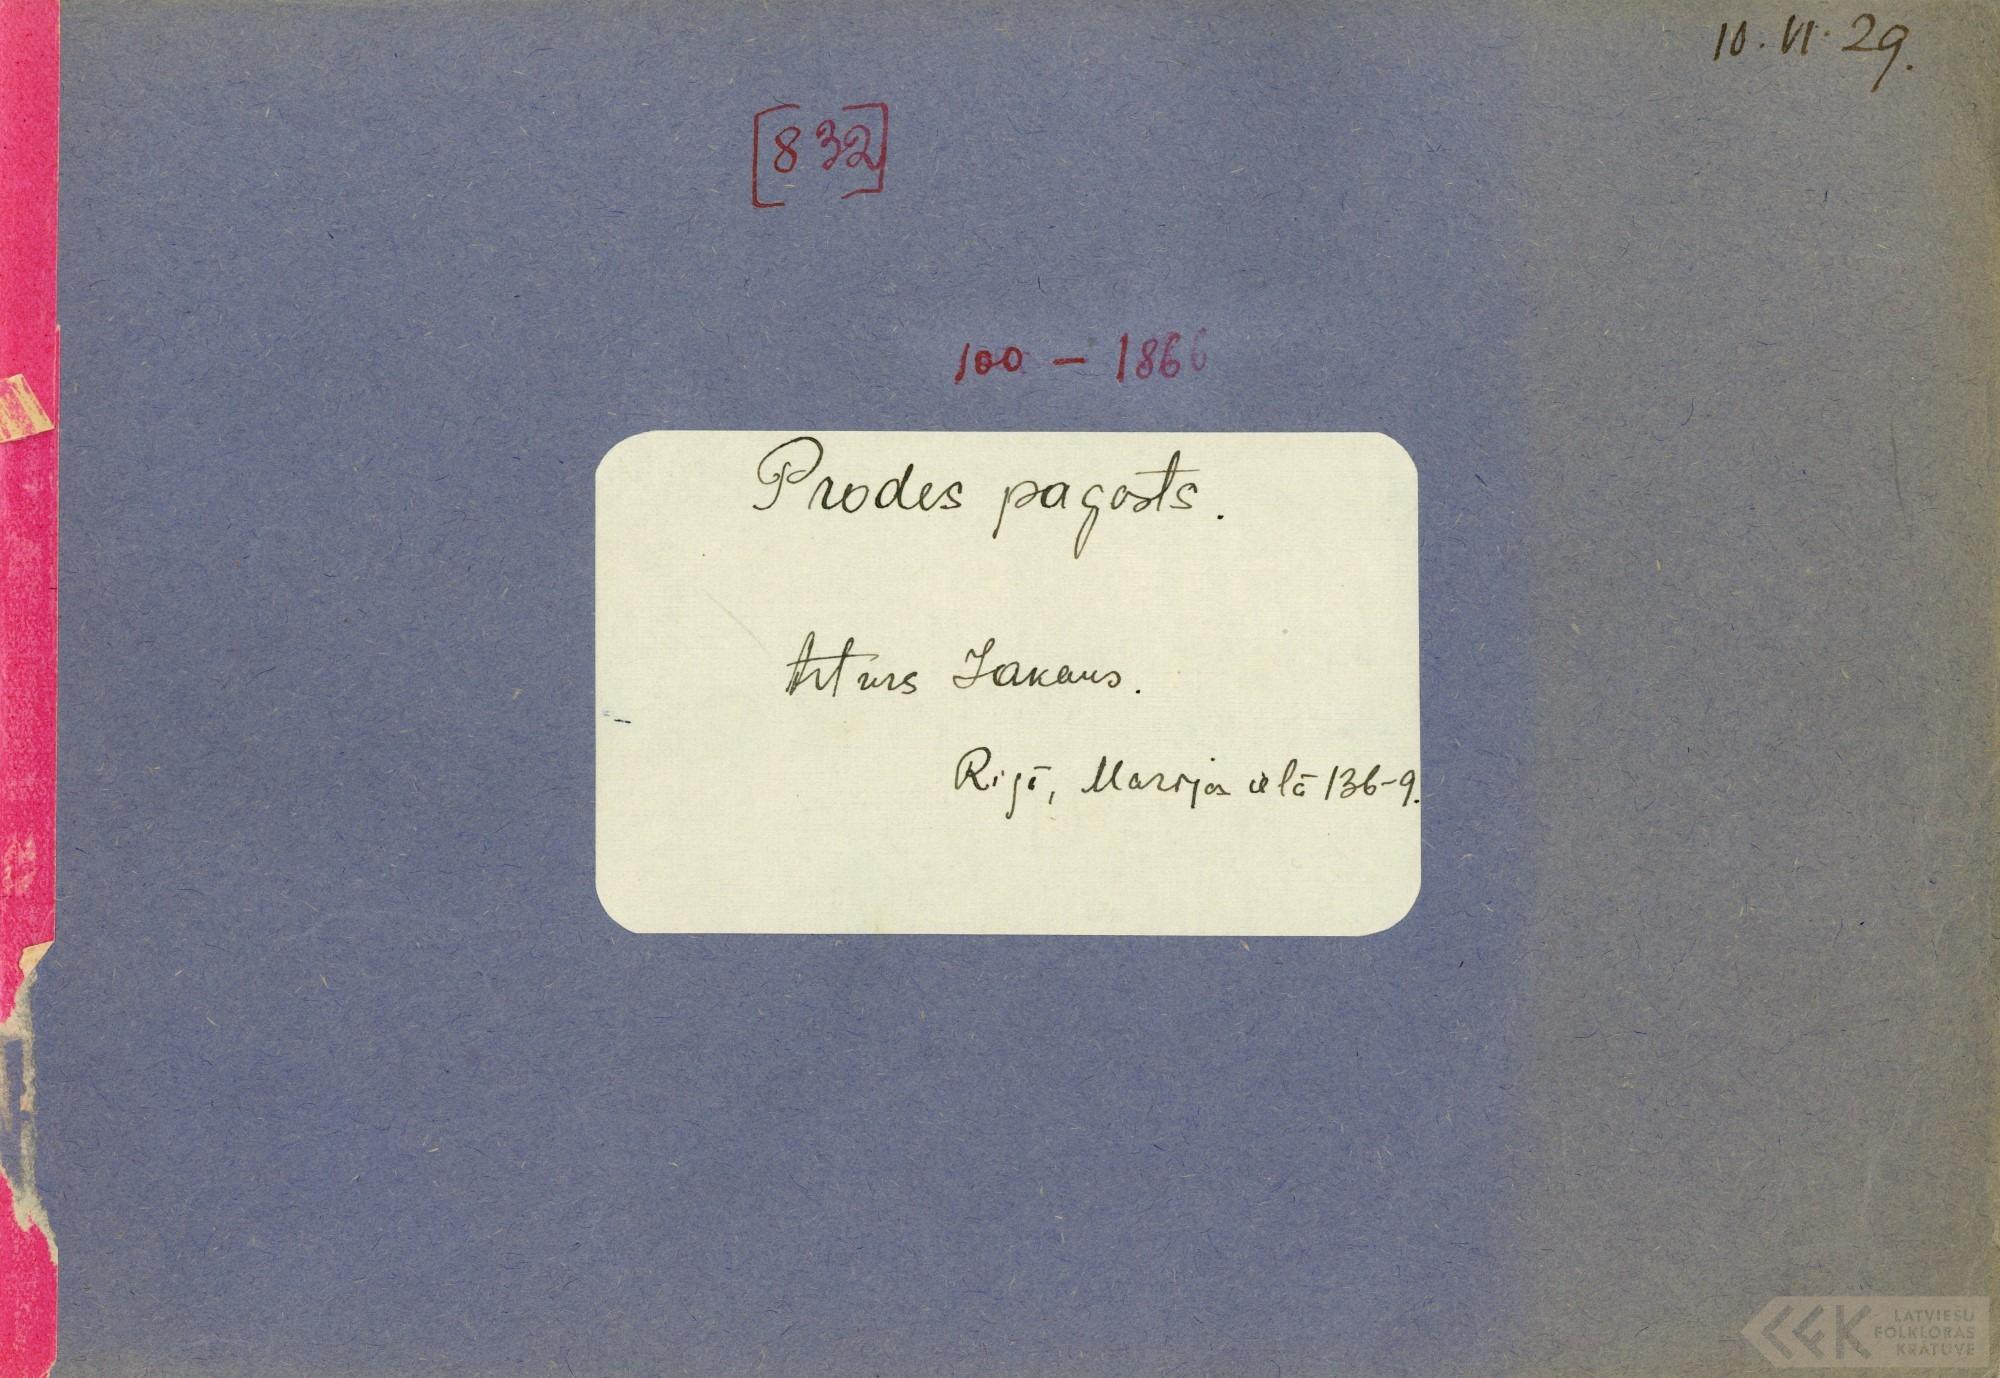 0832-Arturs-Jakans-01-0020